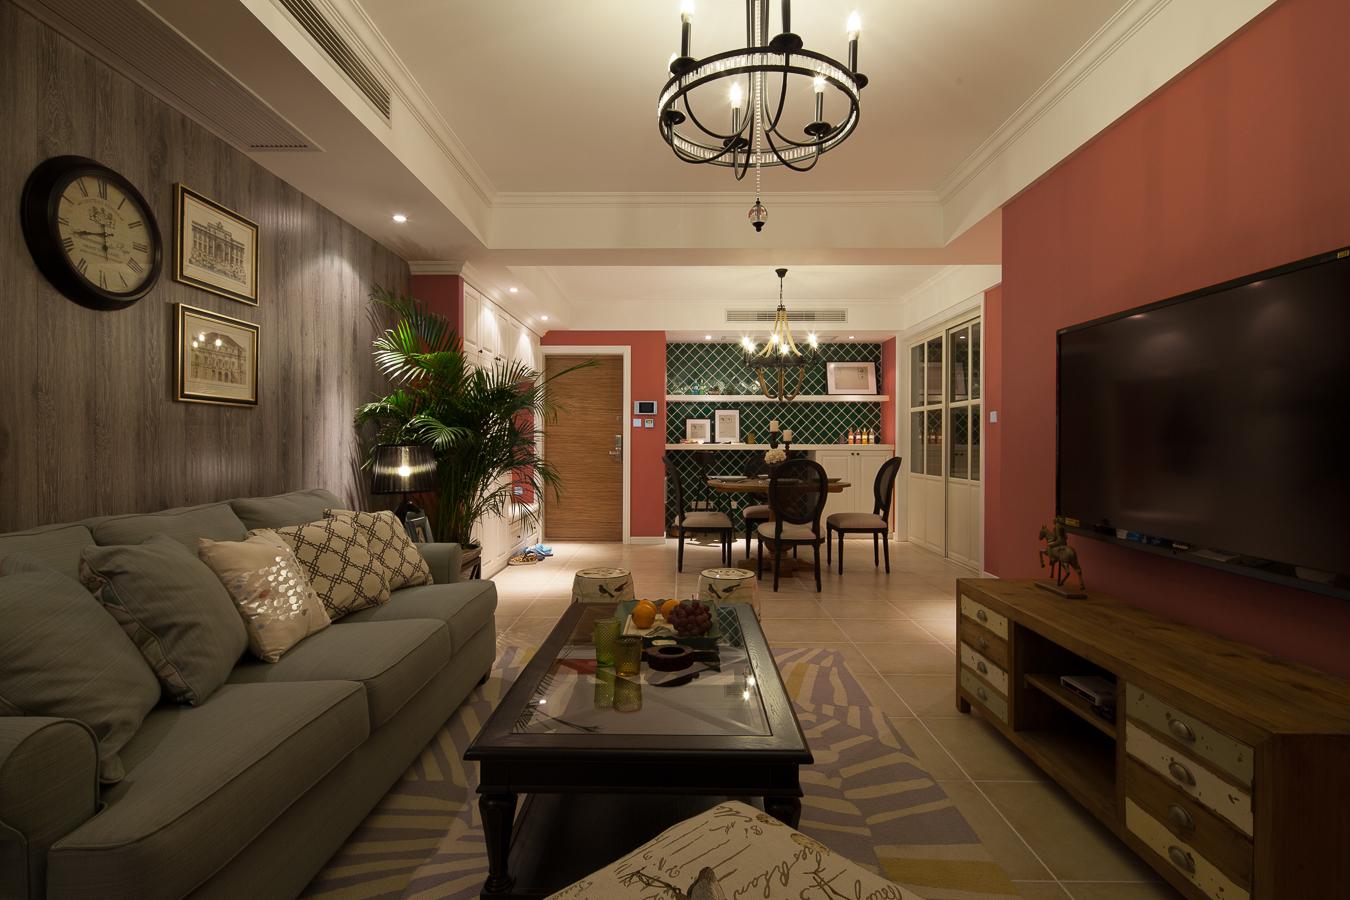 砖红色的电视背景墙设计,应该说是比较大胆的一种挑战了,在日常的生活中增添丝丝暖意与趣味性,复古韵味的家具正好填补了空间空白。